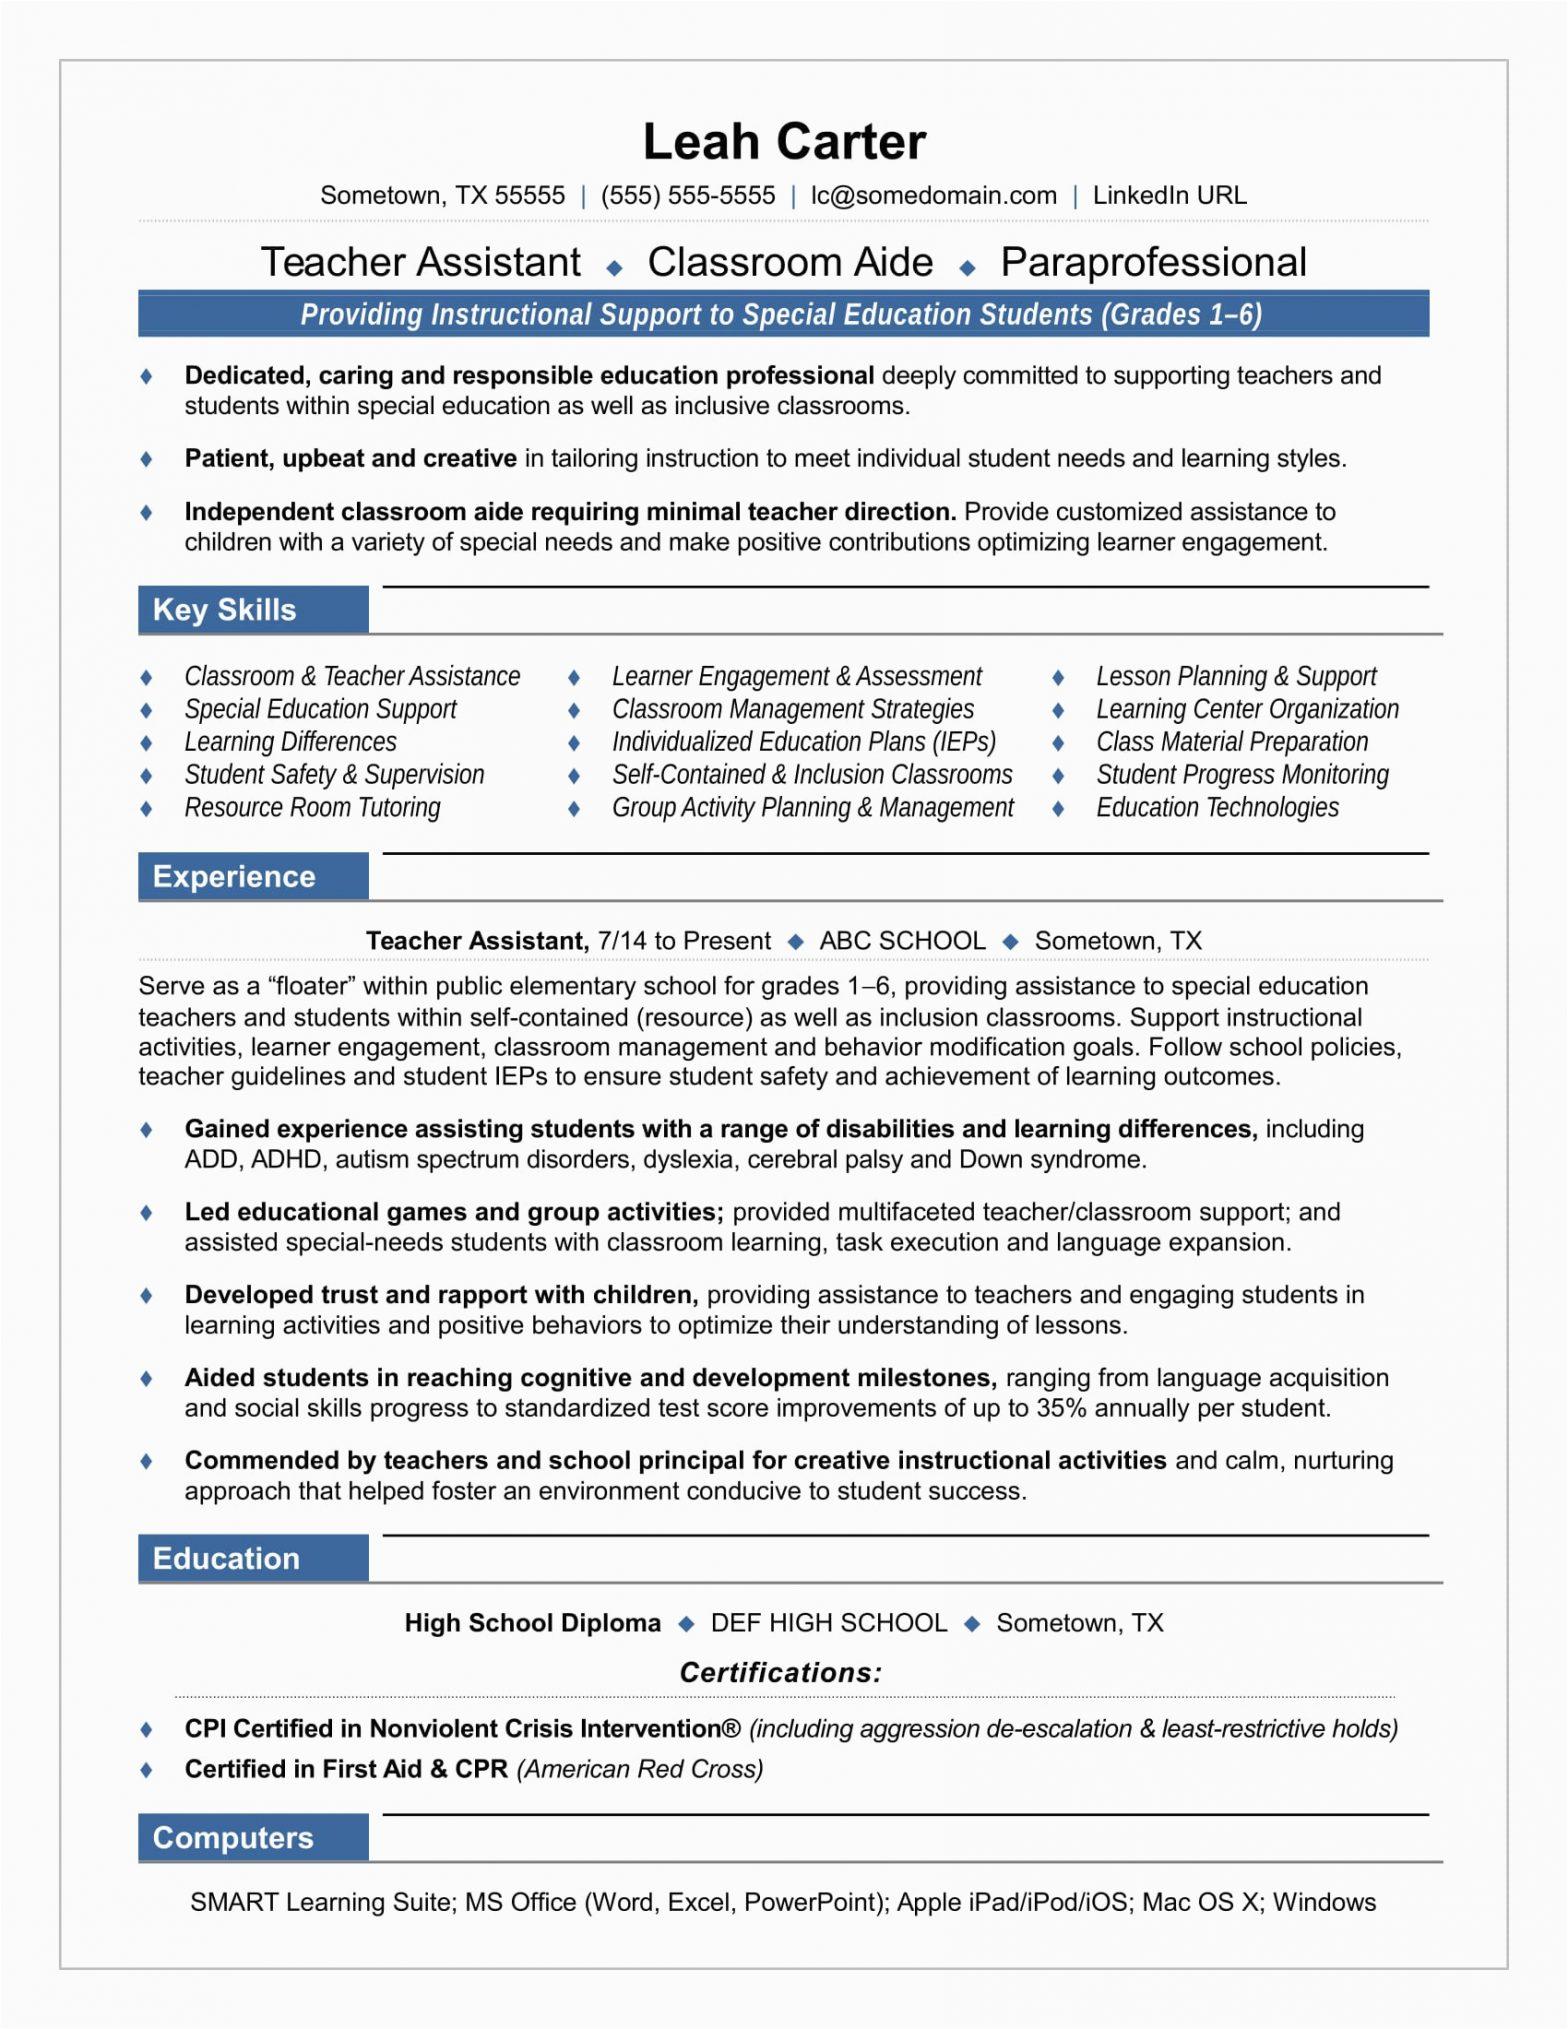 Sample Resume for Teacher Aide Position Teacher assistant Resume Sample